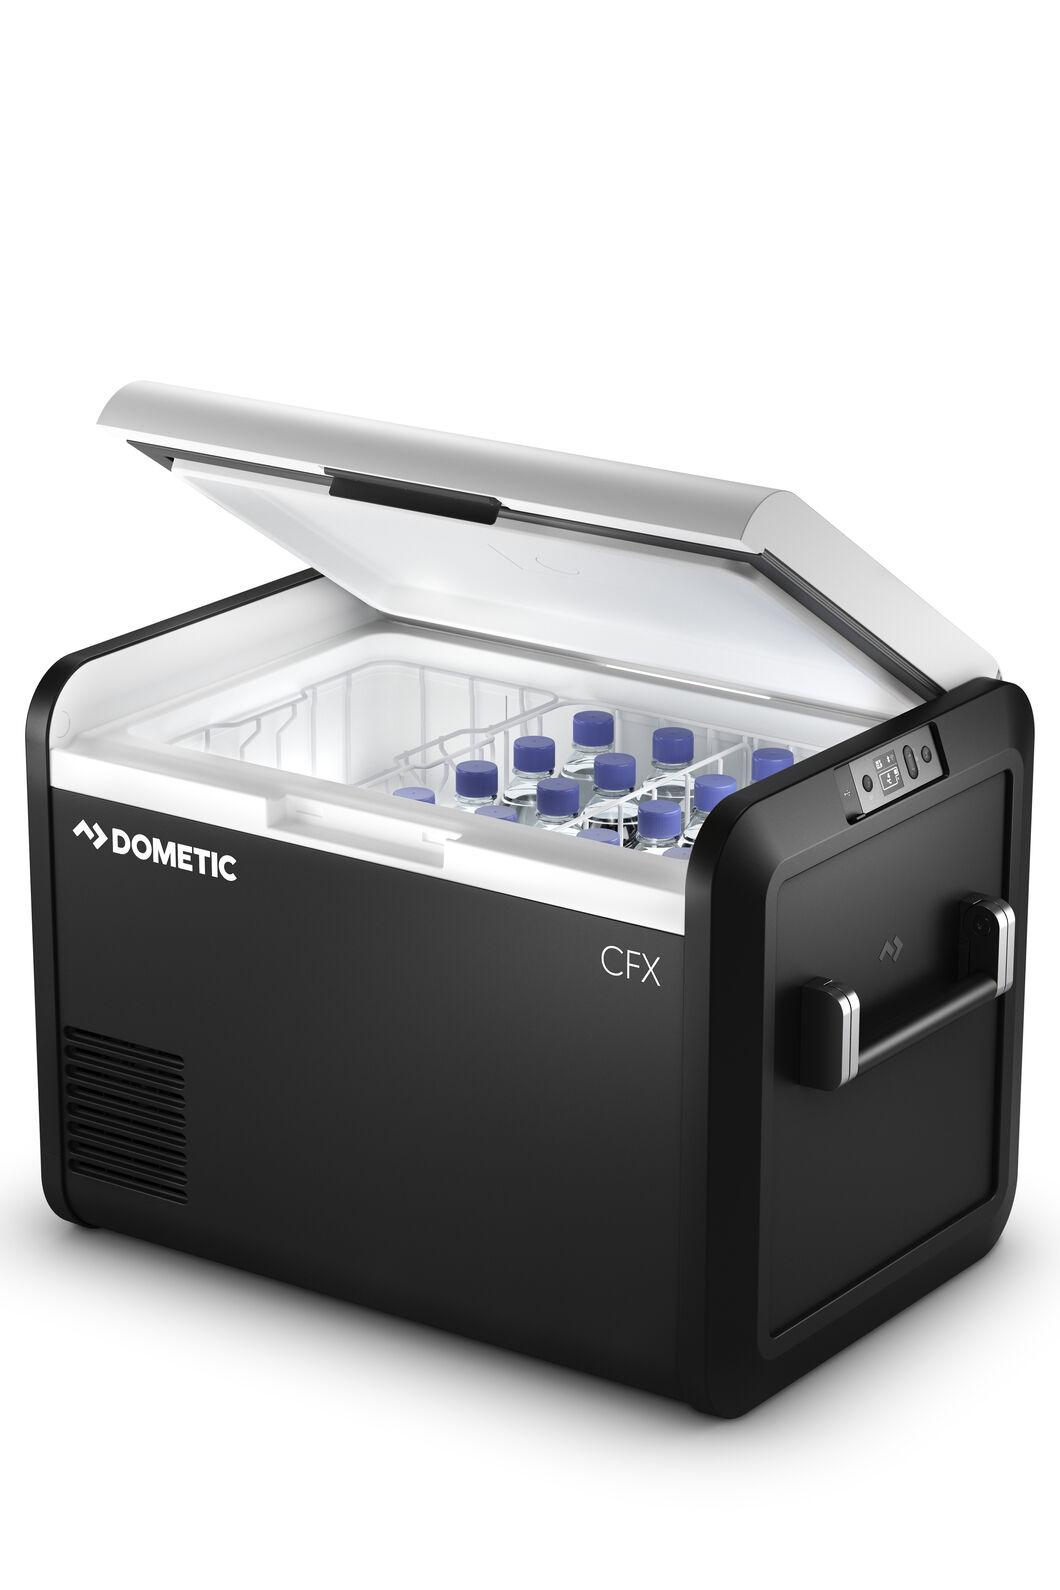 Dometic CFX3 55IM Fridge/Freezer, None, hi-res